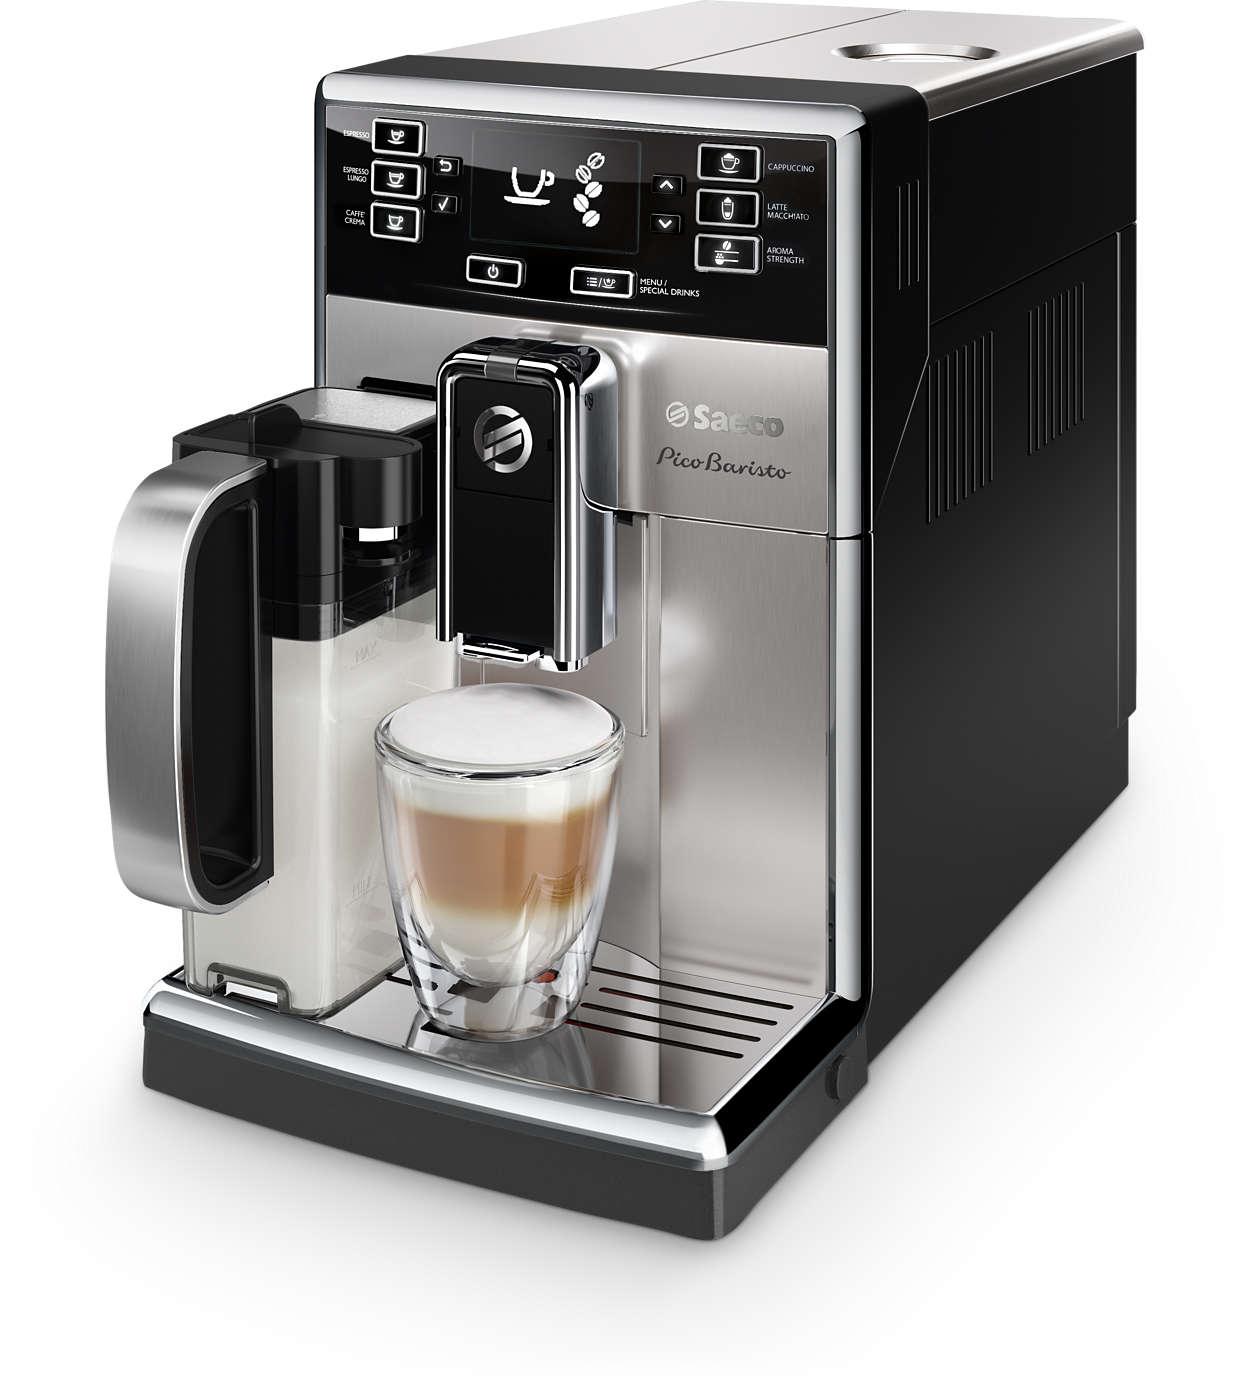 La mayor variedad en una cafetera compacta